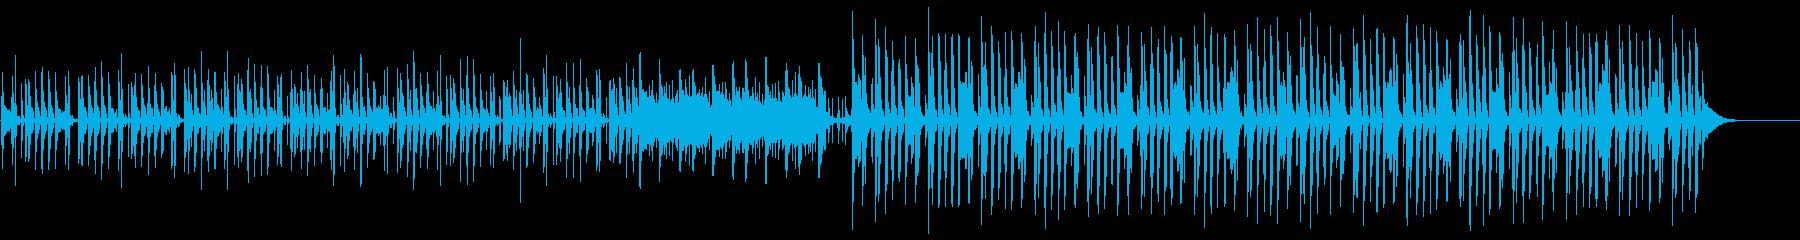 日常、のんびり、ゆったりBGMの再生済みの波形